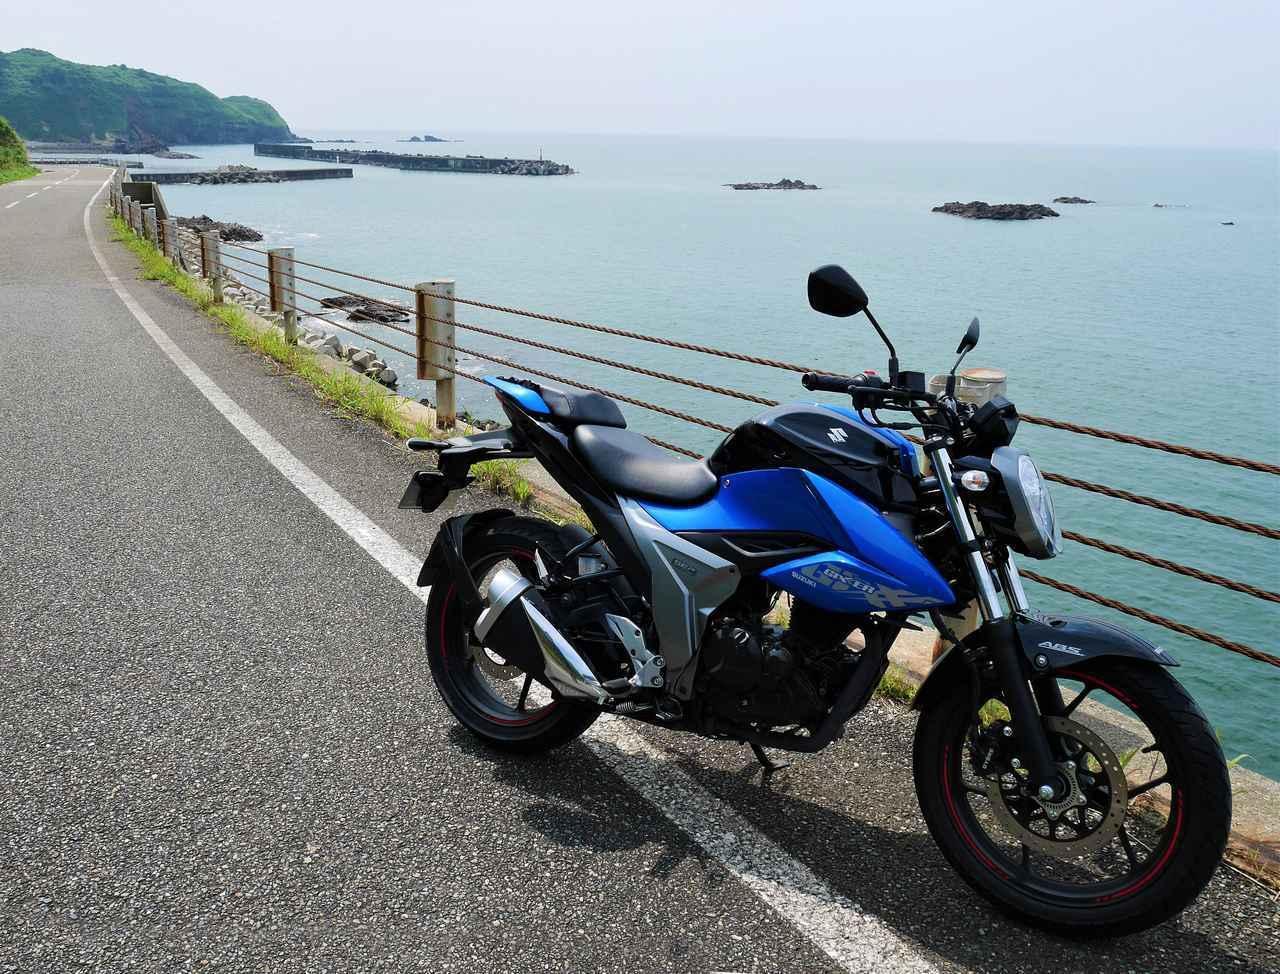 画像: 150ccバイクでどこまで走れる? 一般道でスズキ燃費王『ジクサー150』の真のチカラが目を覚ます - スズキのバイク!